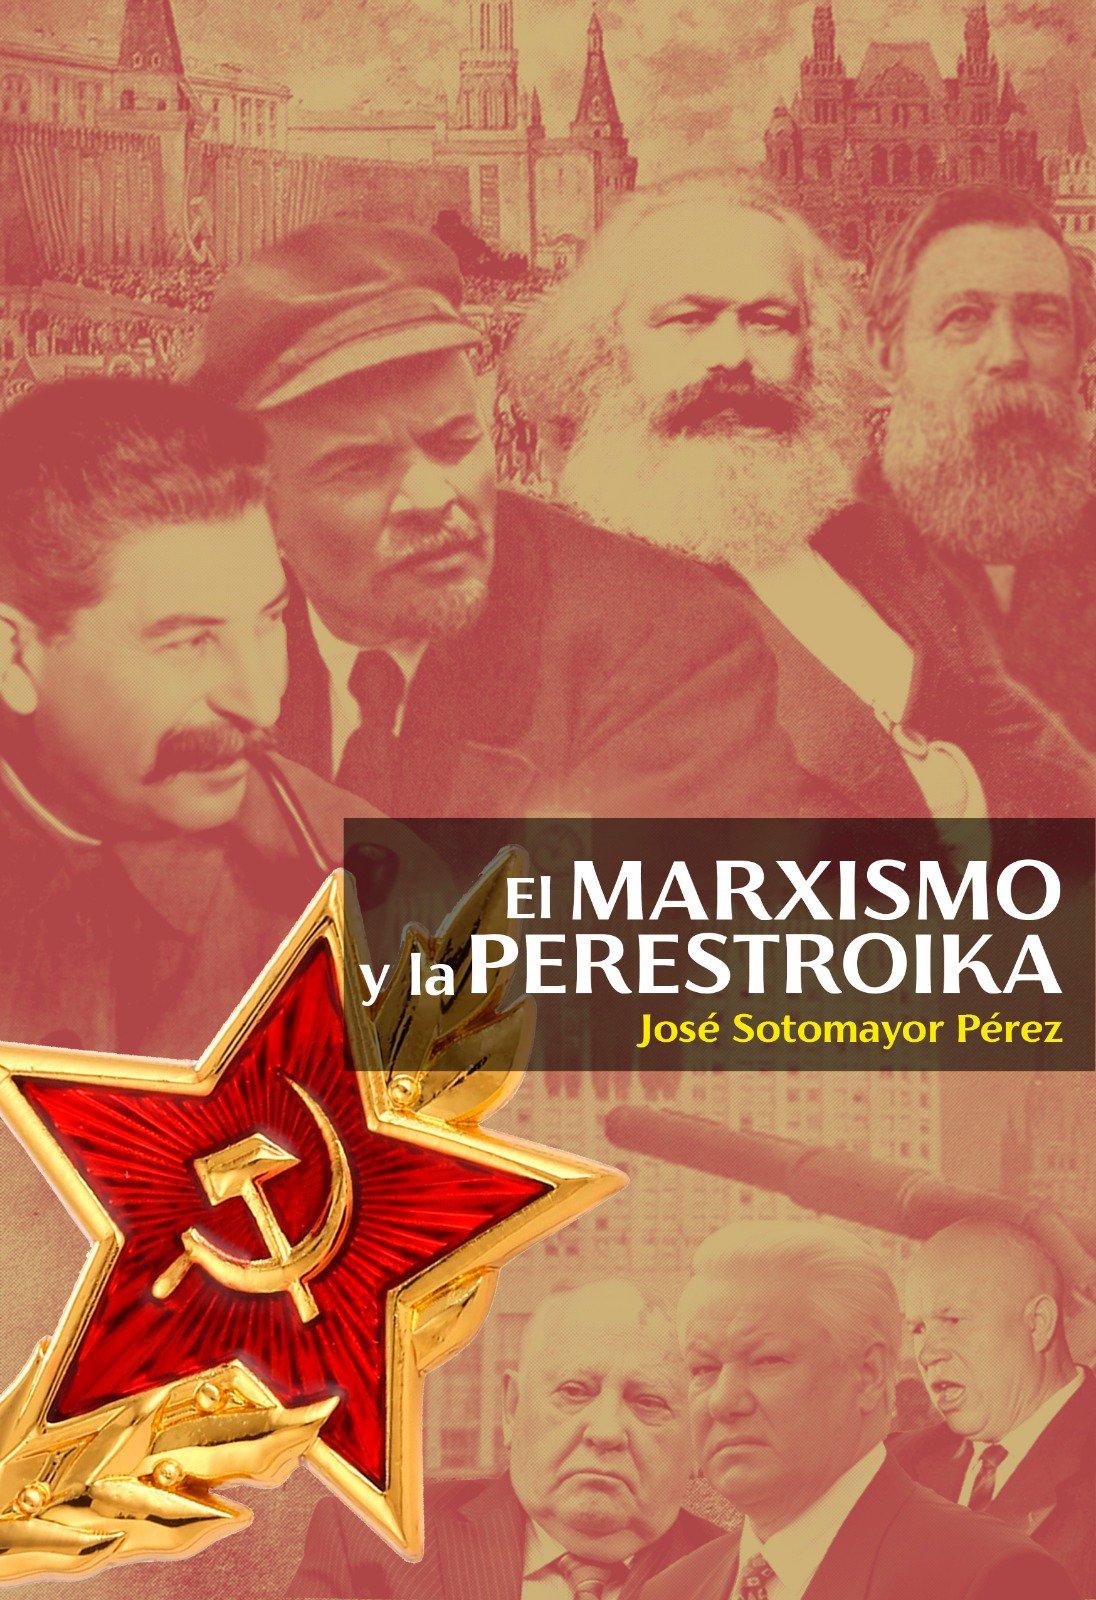 El marxismo y la perestroika (Sotomayor Perez)